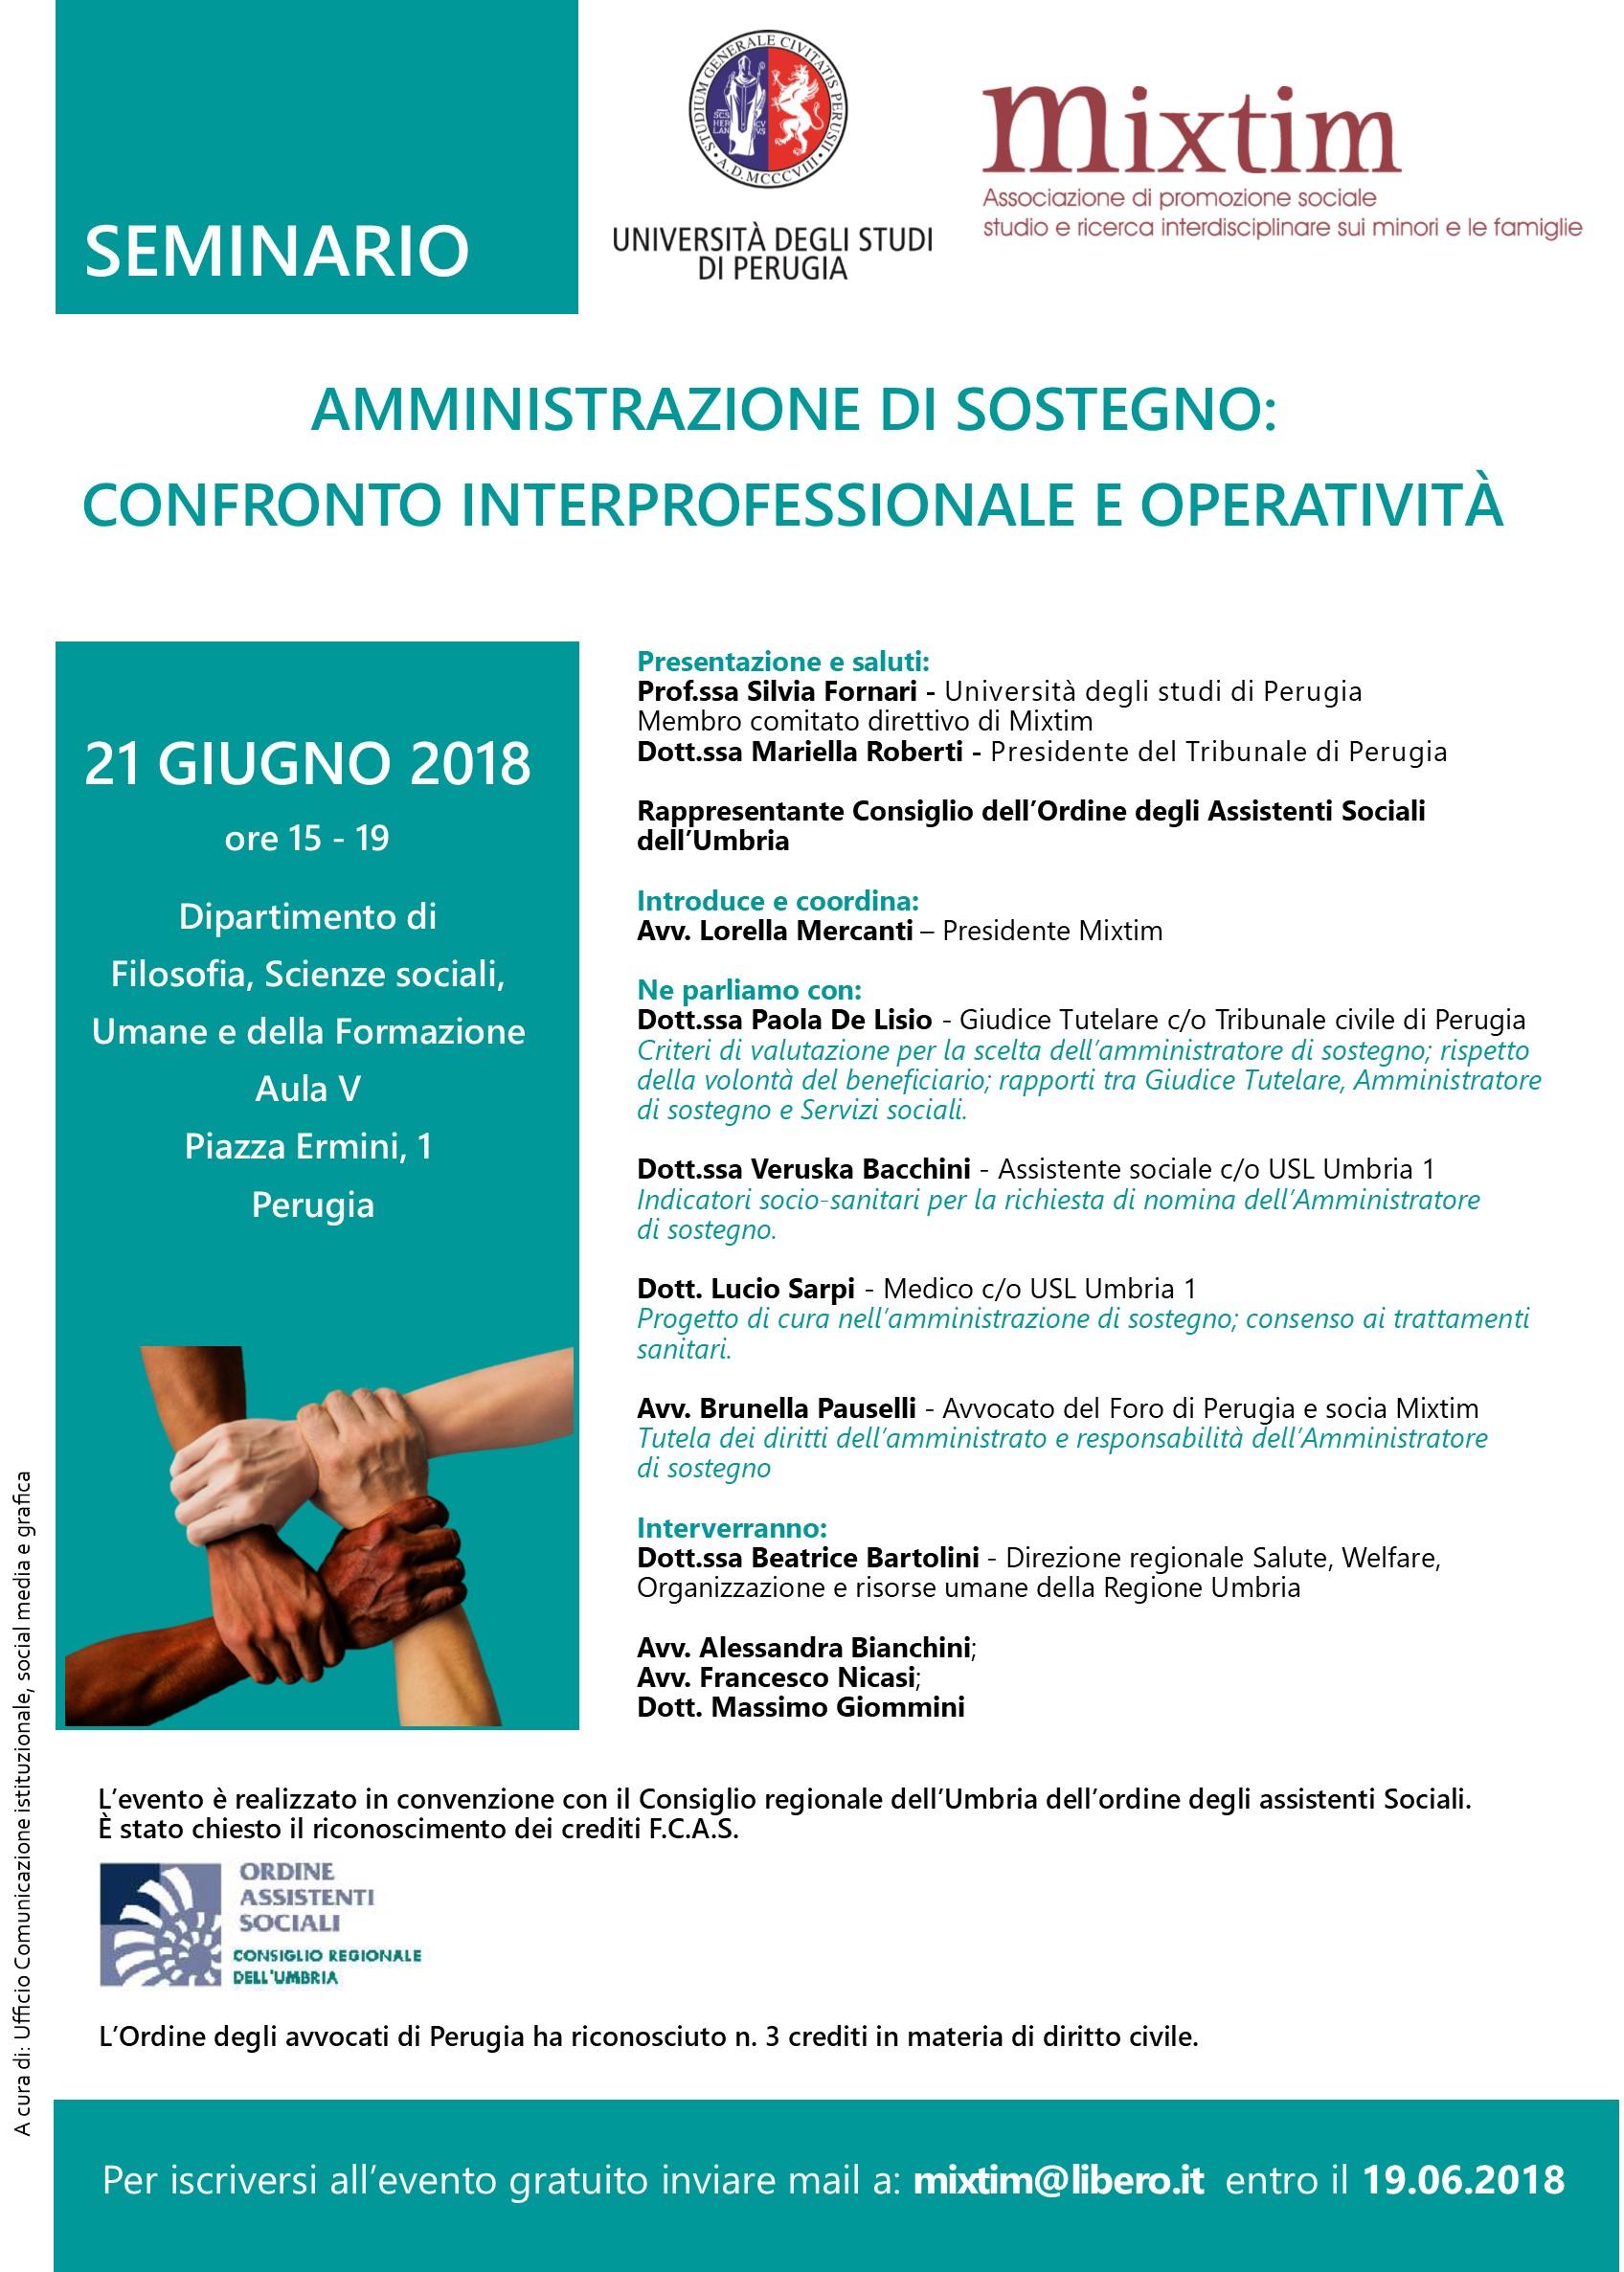 Amministrazione di sostegno: confronto interprofessionale e operatività